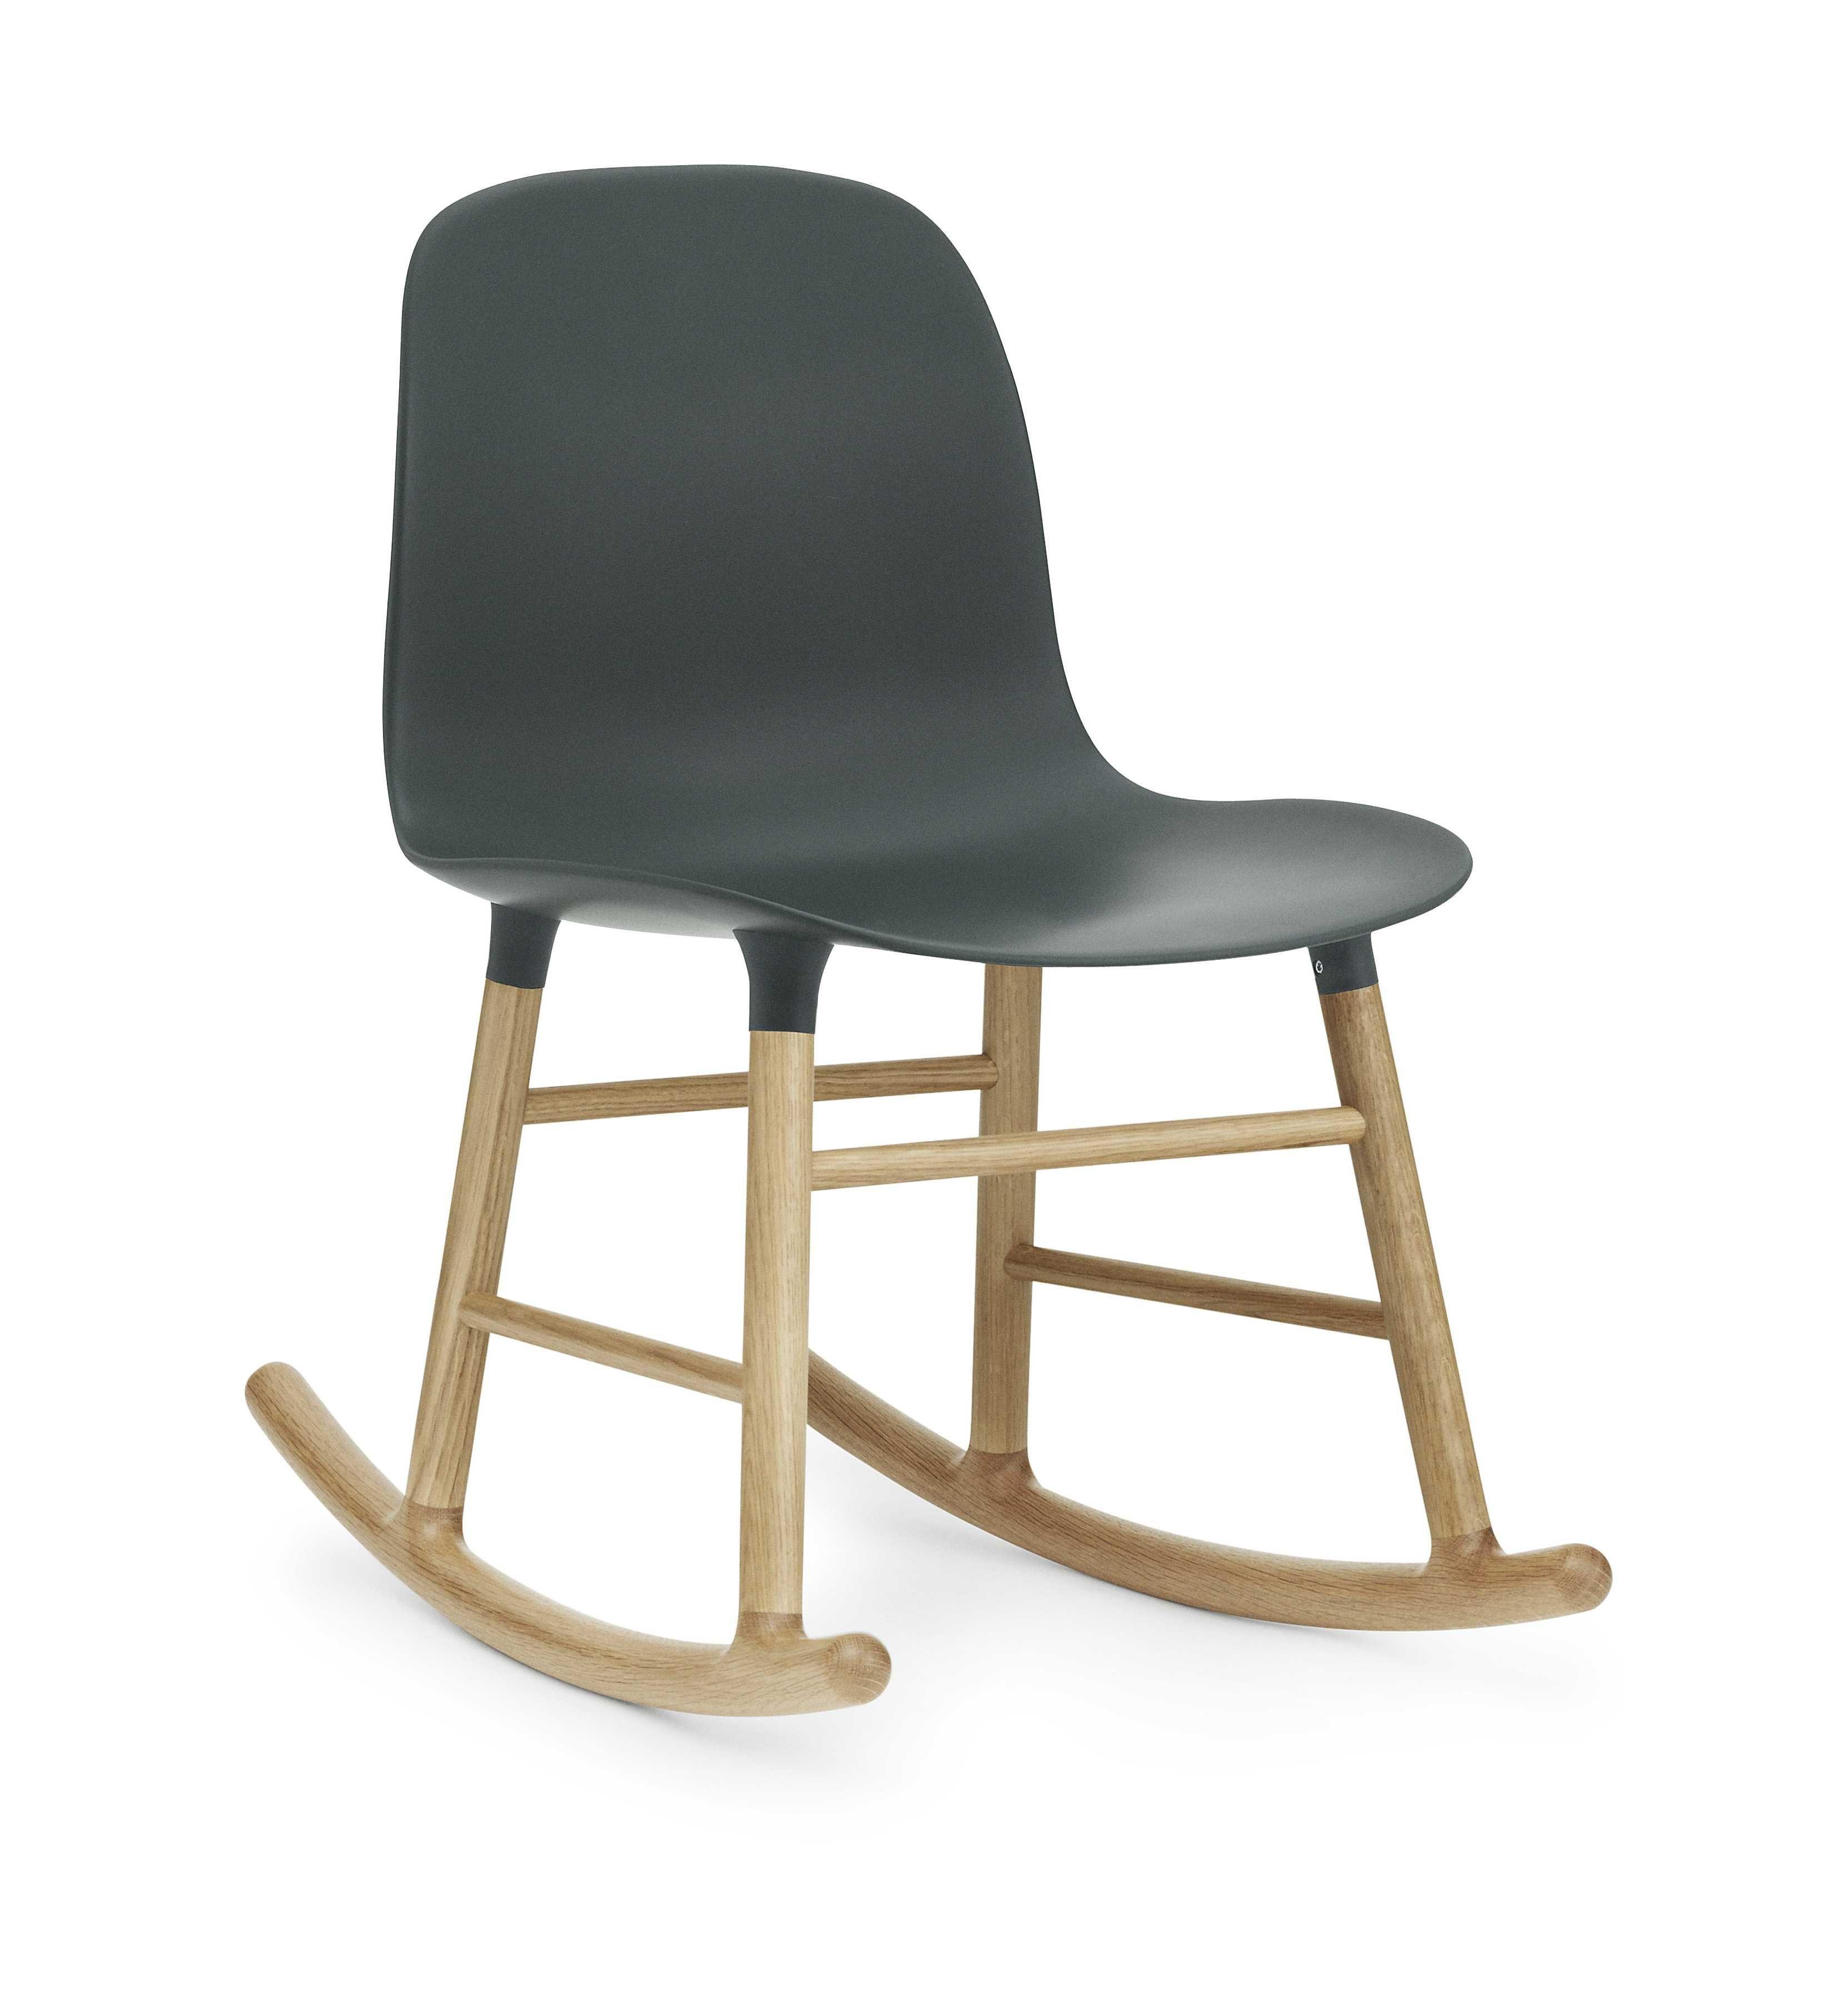 Normann Copenhagen Form Rocking Chair schommelstoel met eiken onderstel groen kopen